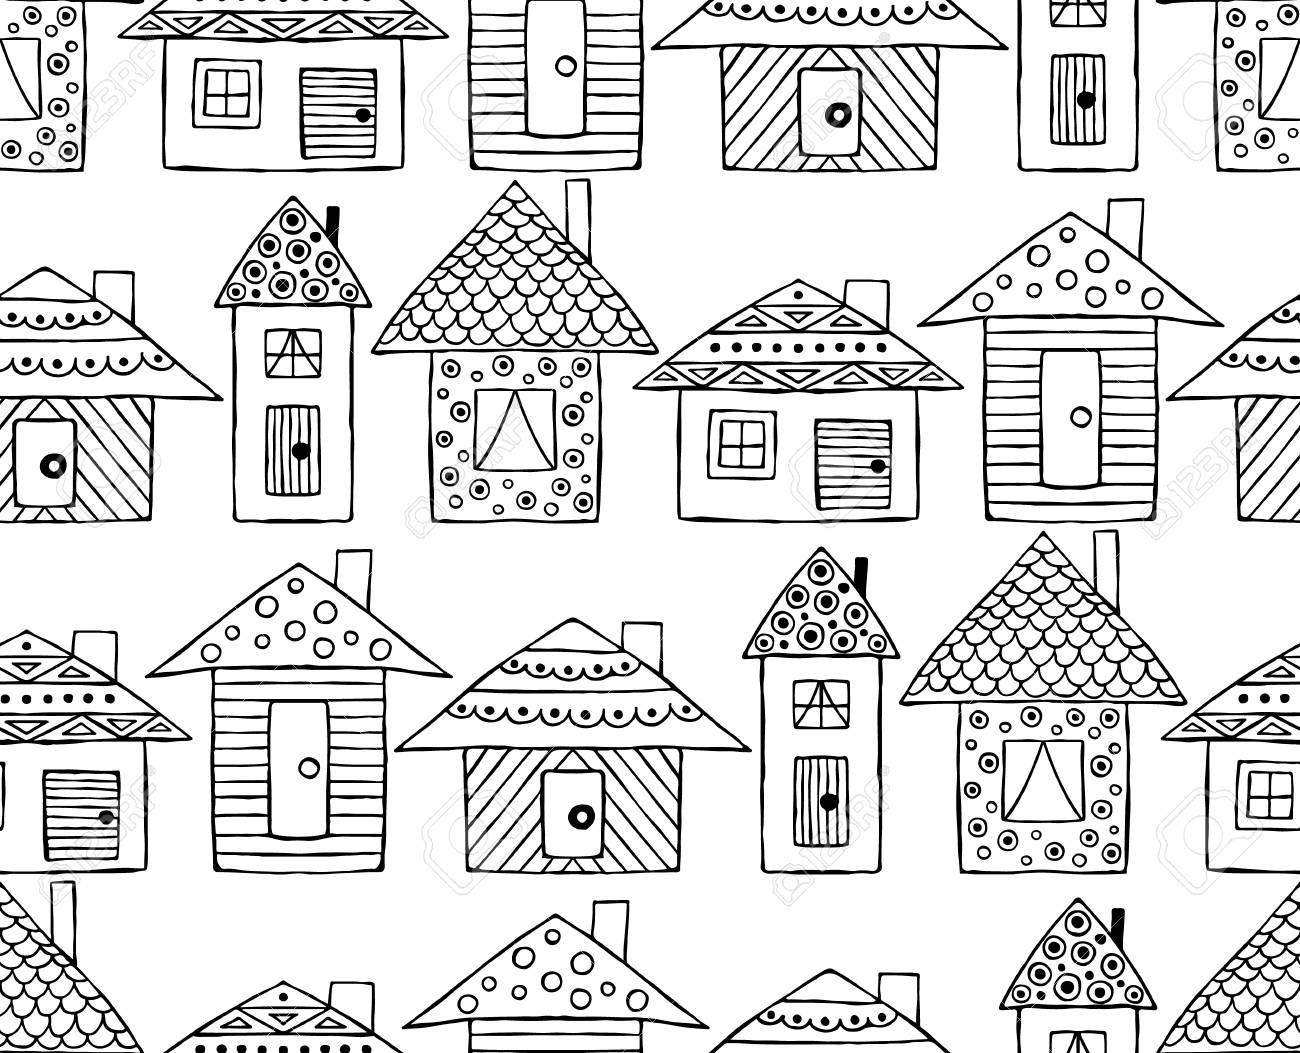 80738355 disegno a mano senza soluzione di continuit%C3%A0 vettoriale case decorative stilizzate in bianco e nero in